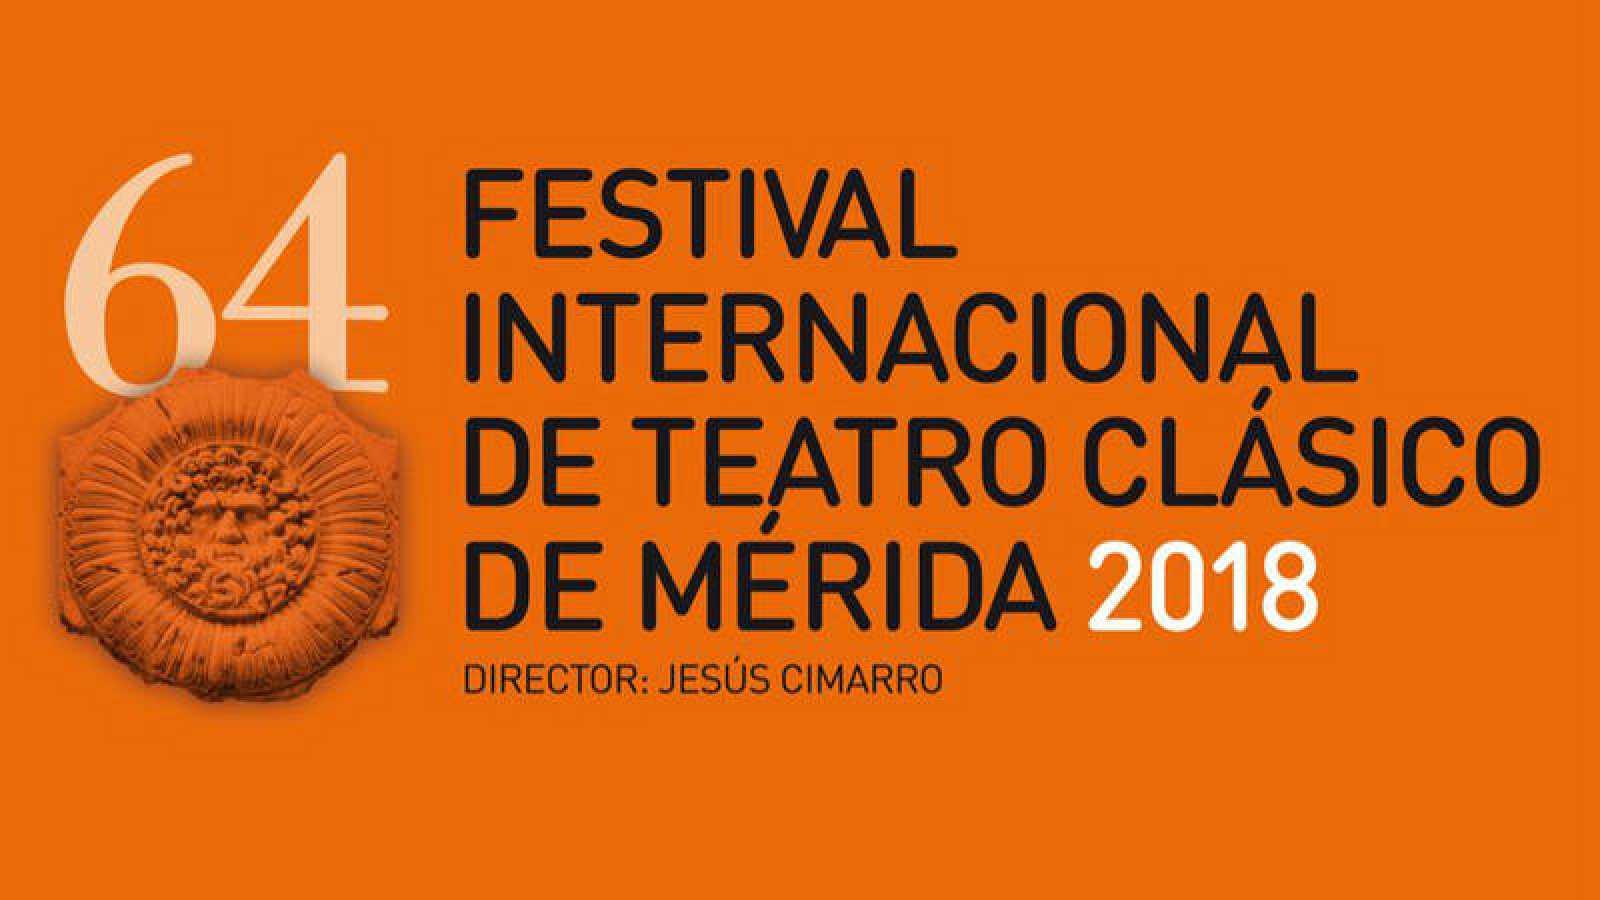 Cartel de la 64ª edición del Festival Internacional de Teatro Clásico de Mérida